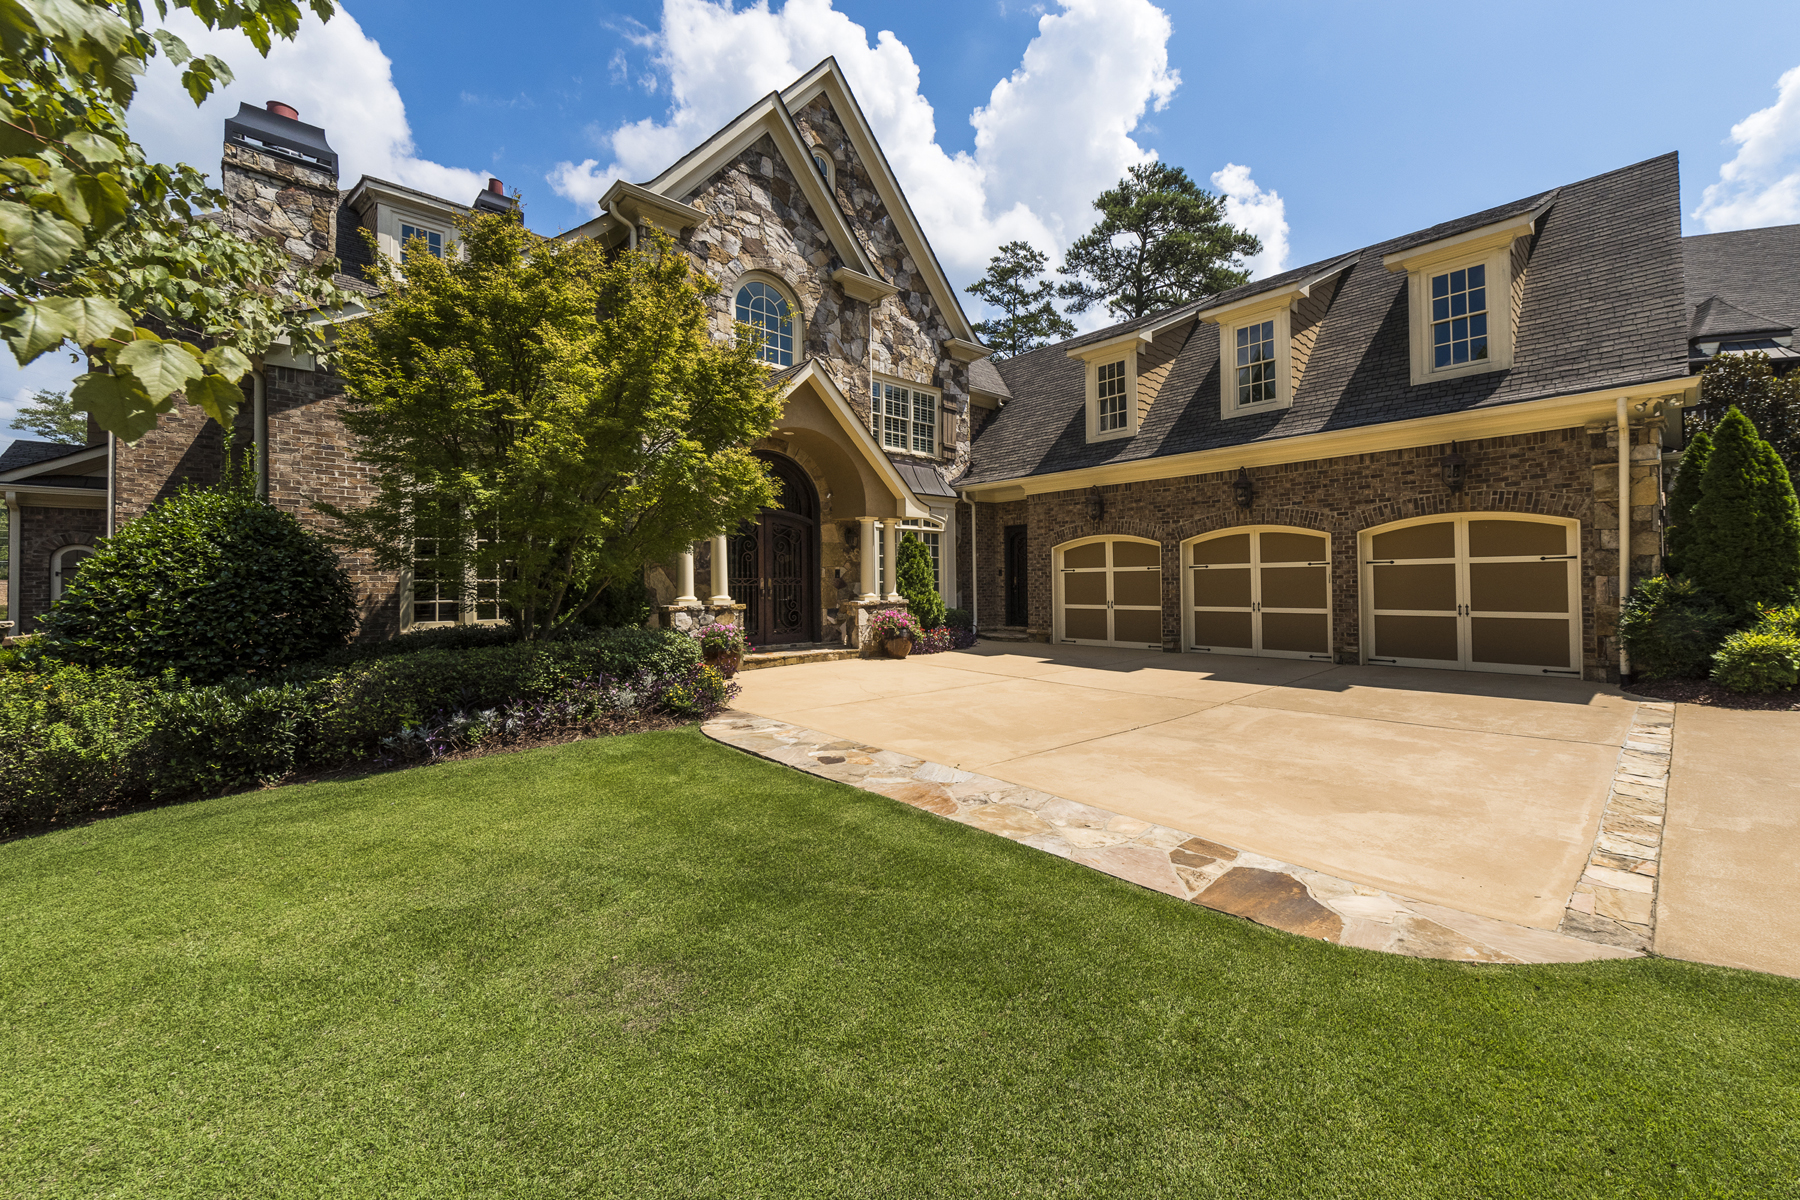 獨棟家庭住宅 為 出售 在 Exquisite East Cobb Estate 5115 Greythorne Lane Marietta, 喬治亞州, 30068 美國